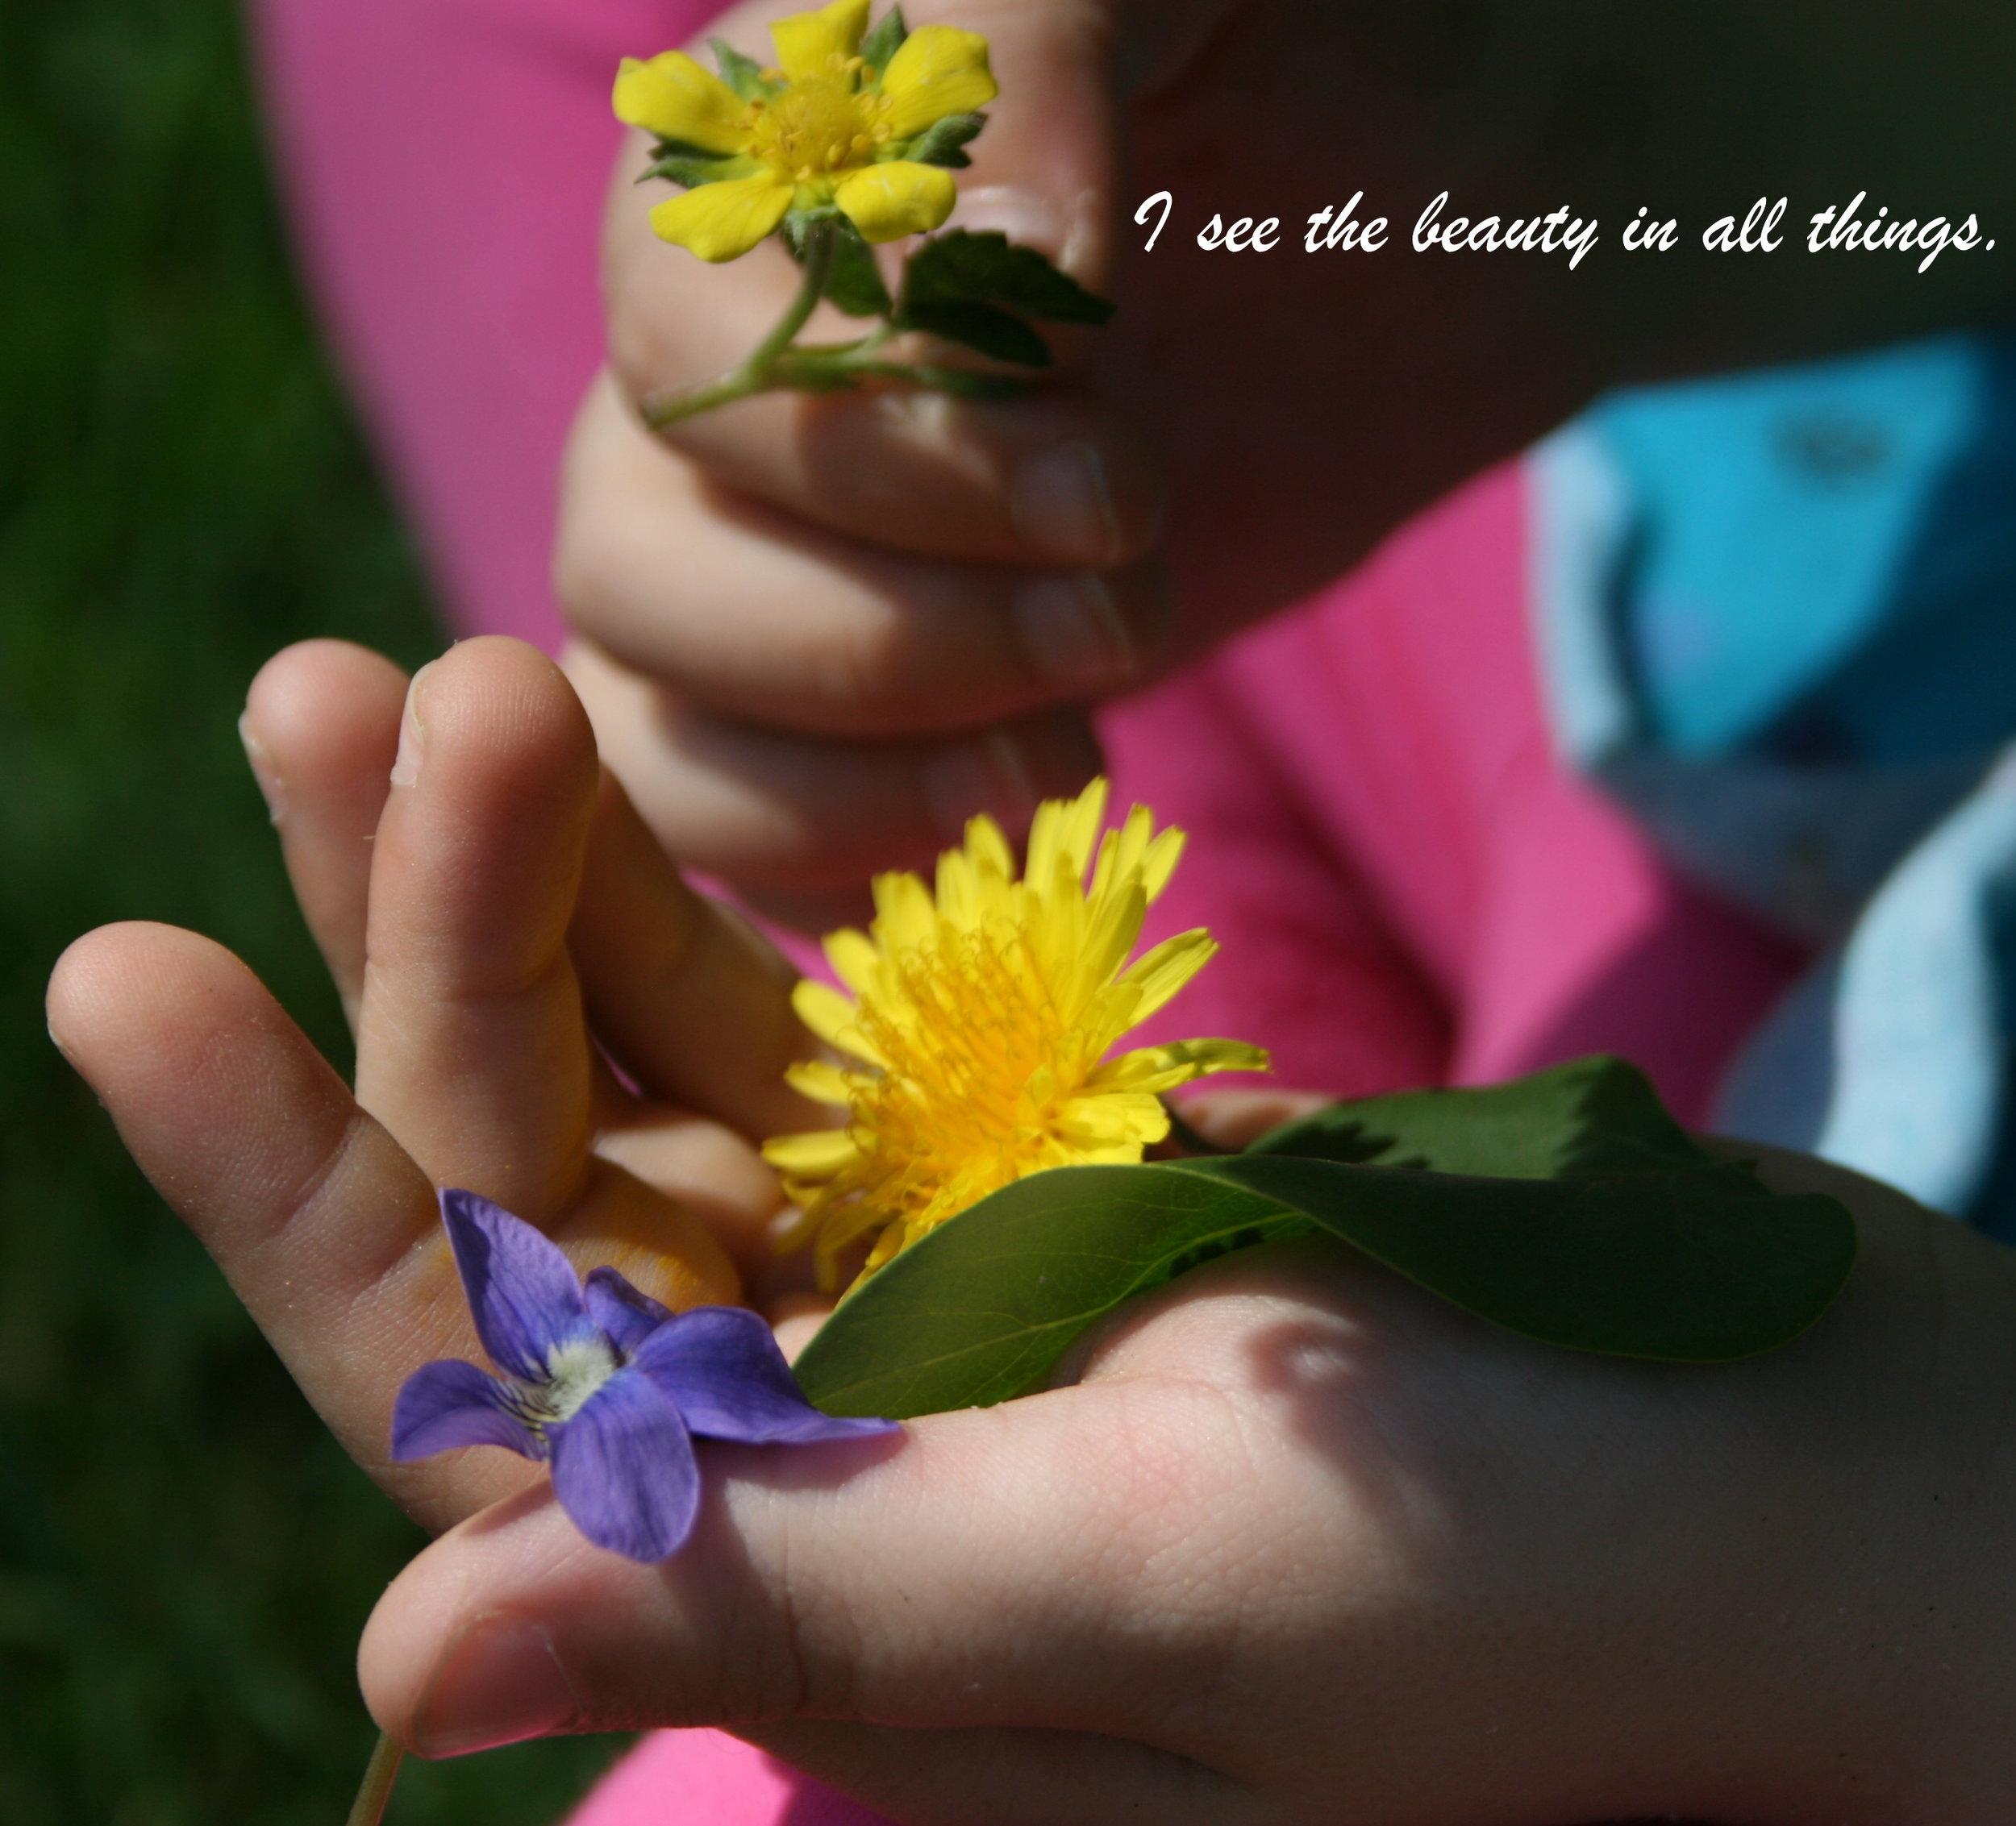 Hands, flowers, beauty.jpg